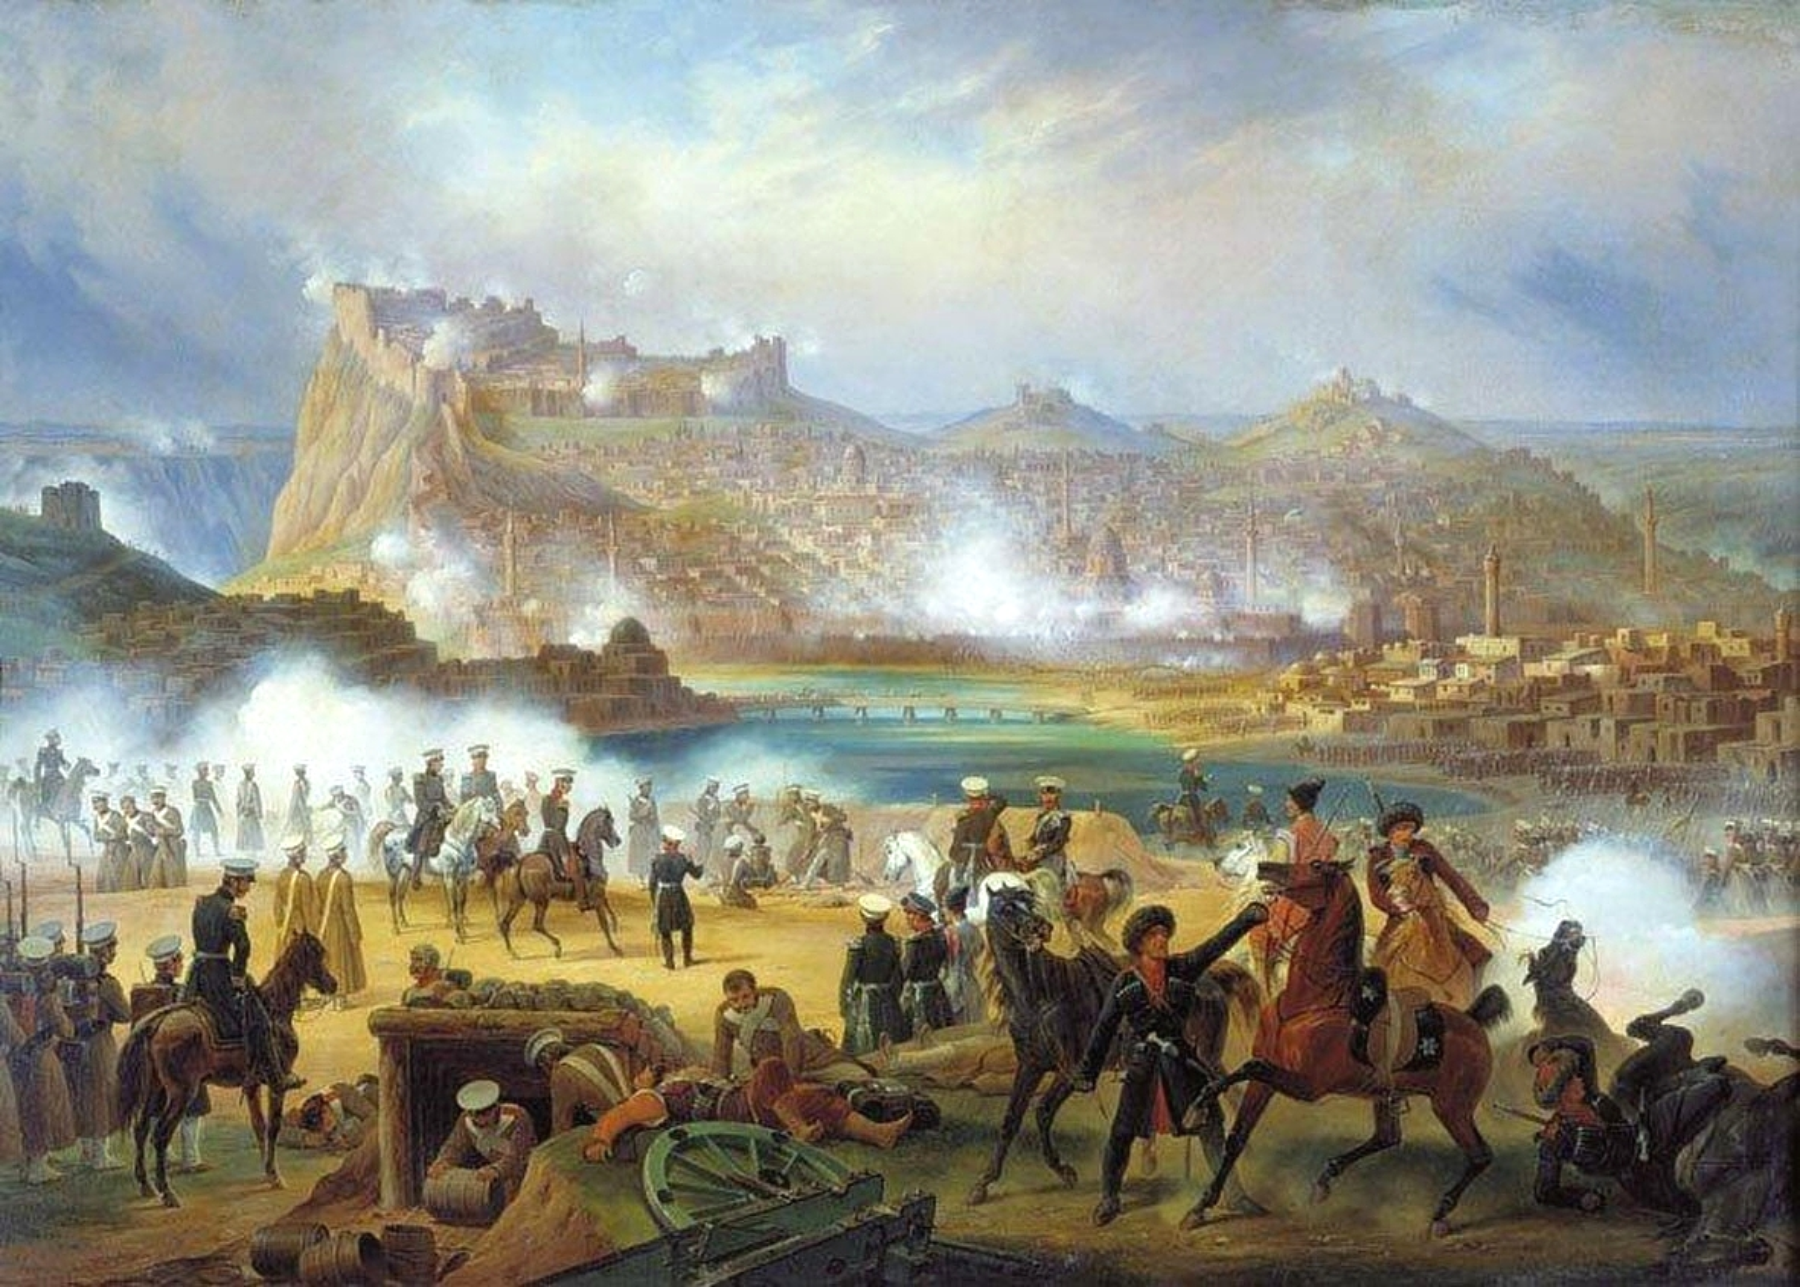 Kars vára az 1828-as orosz támadás alatt - Forrás: Wikipédia